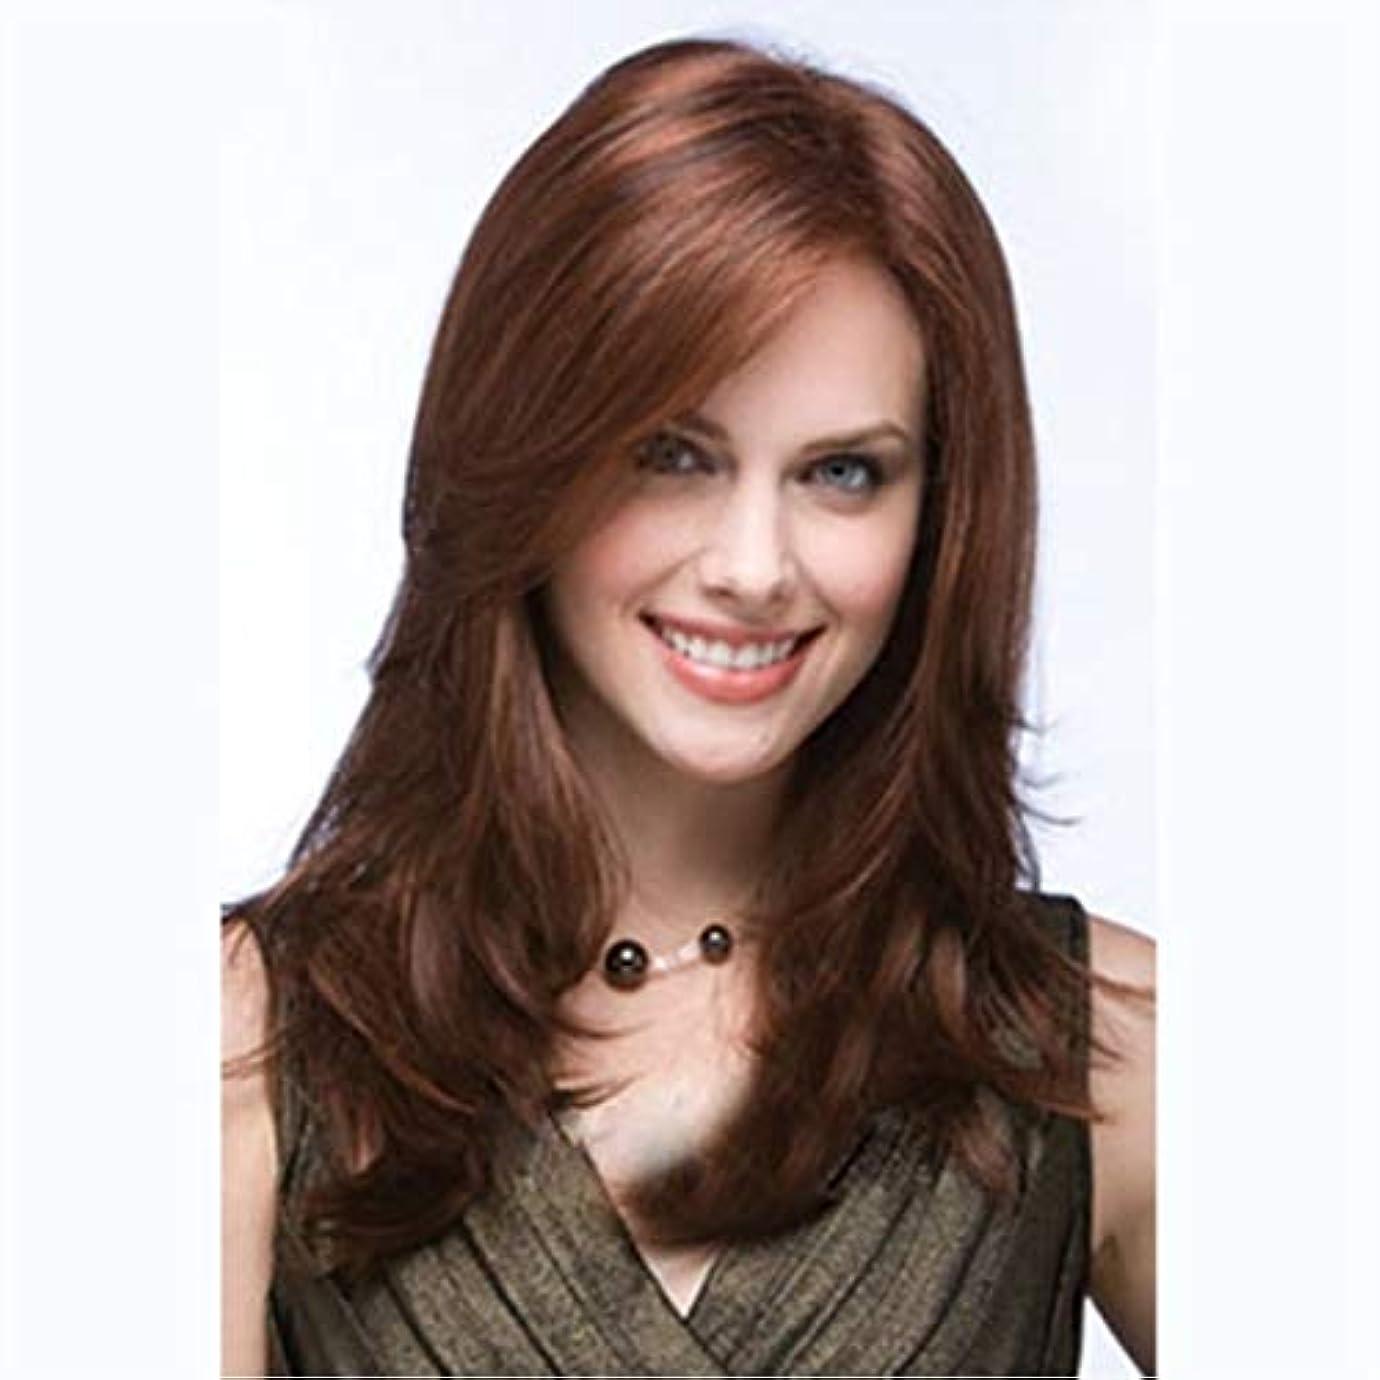 電報散髪ウサギKerwinner かつら斜め前髪ブラウンロングカーリーヘアーロングナチュラルウェーブミドルパート合成かつら用女性耐熱性